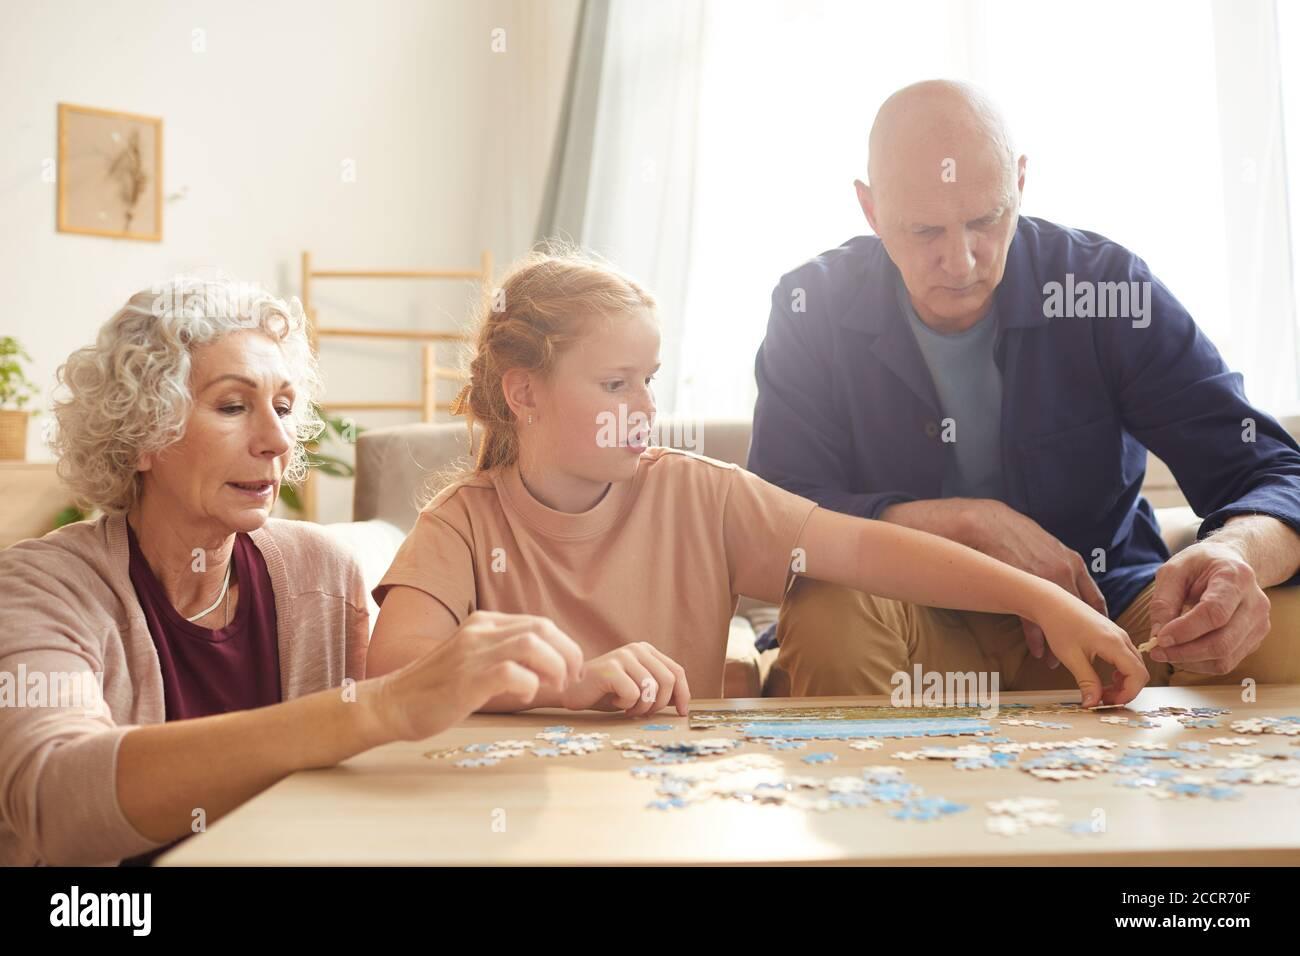 Portrait de cure fille à cheveux rouges jouant à des jeux de société avec grand-parents tout en appréciant le temps ensemble dans une maison confortable éclairée par lumière du soleil Banque D'Images